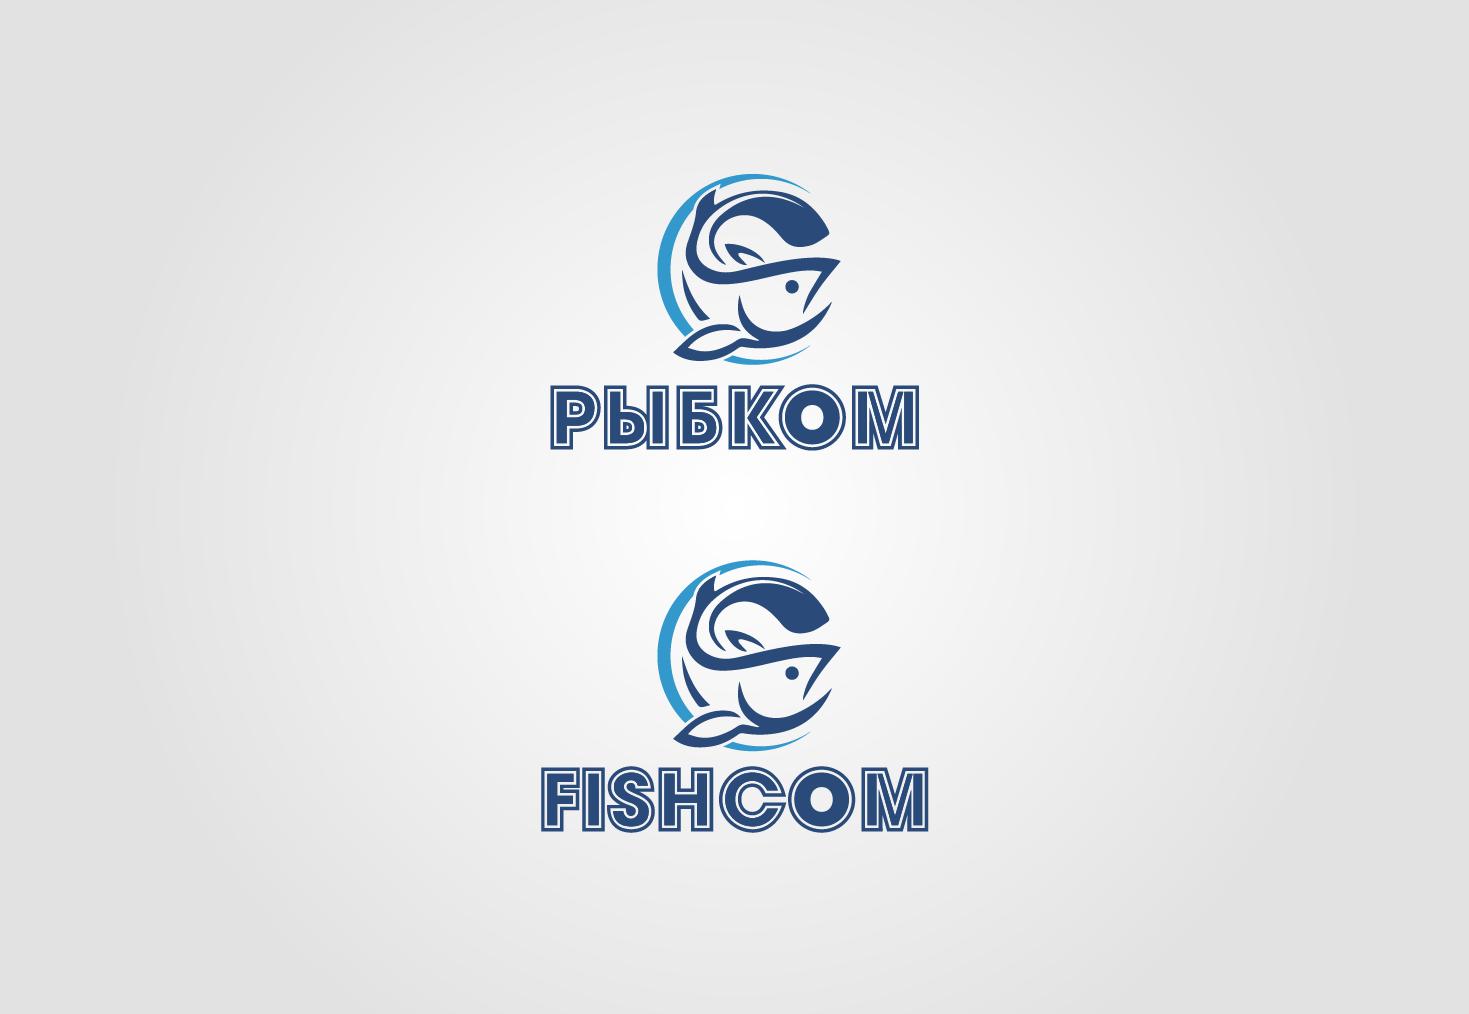 Создание логотипа и брэндбука для компании РЫБКОМ фото f_4545c0a2d66a7f08.png